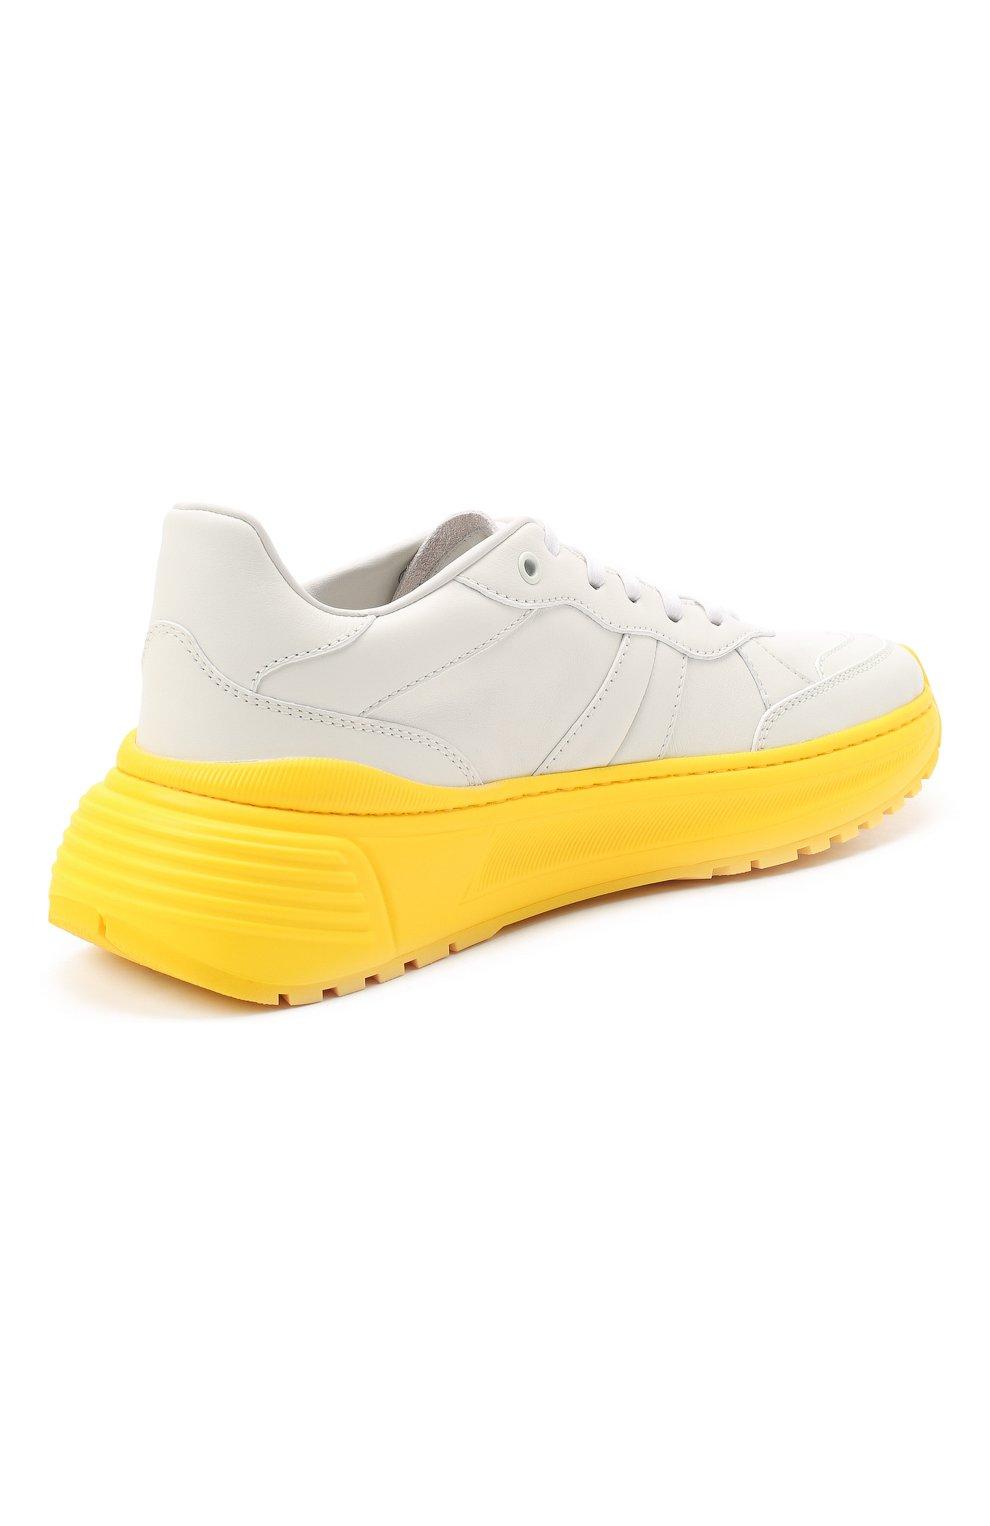 Мужские кожаные кроссовки BOTTEGA VENETA желтого цвета, арт. 565646/VT040 | Фото 4 (Материал внешний: Кожа; Материал внутренний: Натуральная кожа; Стили: Гранж; Подошва: Массивная)